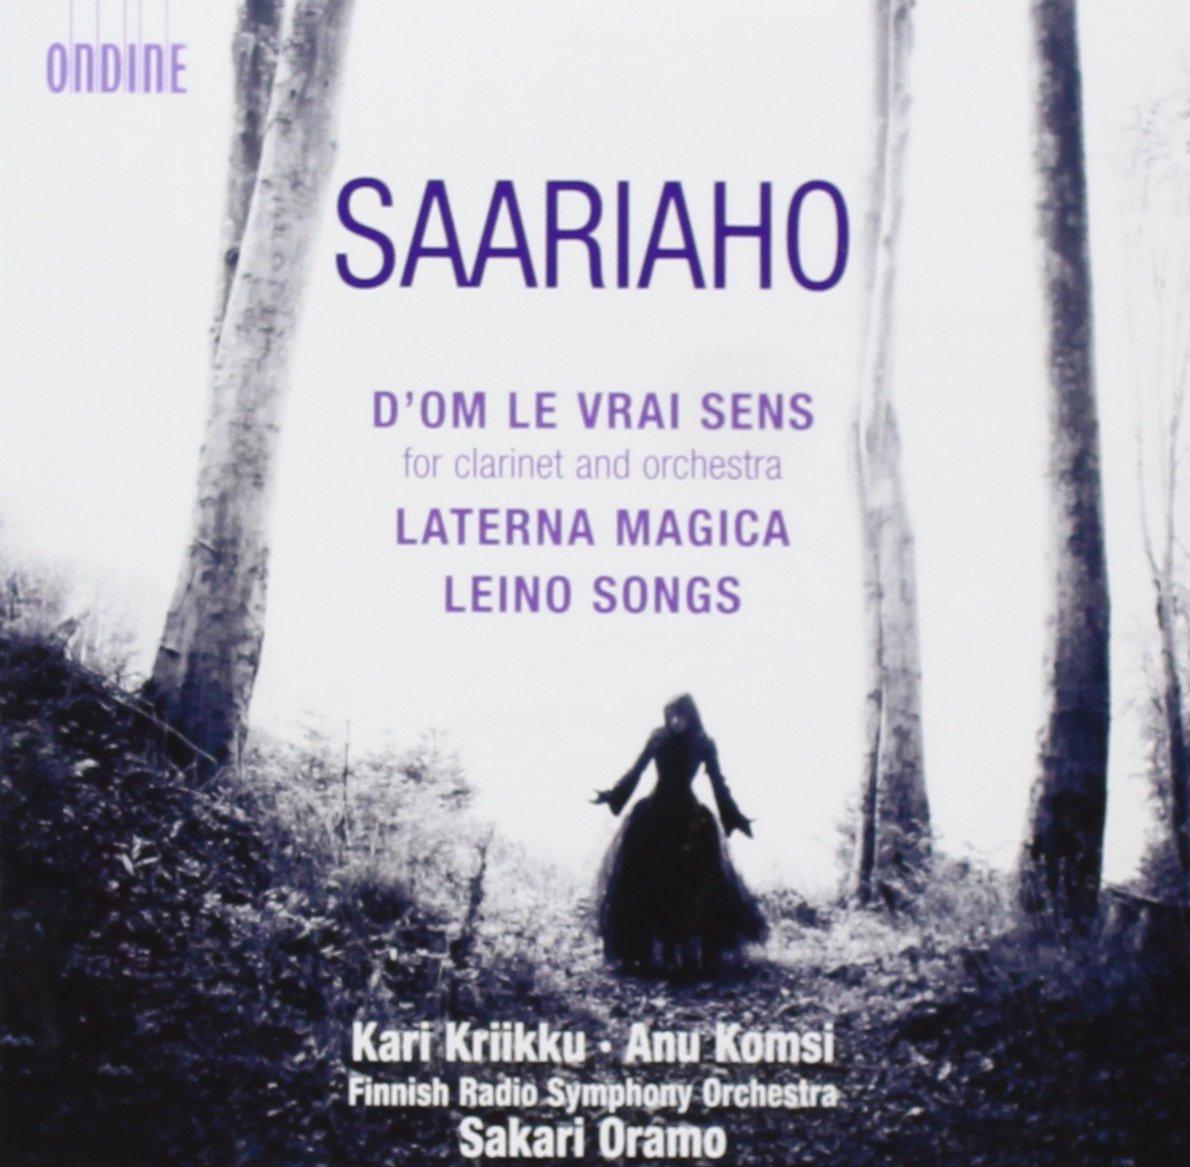 La musique contemporaine pour le profane: conseils CD 71YpcbSryTL._SL1190_